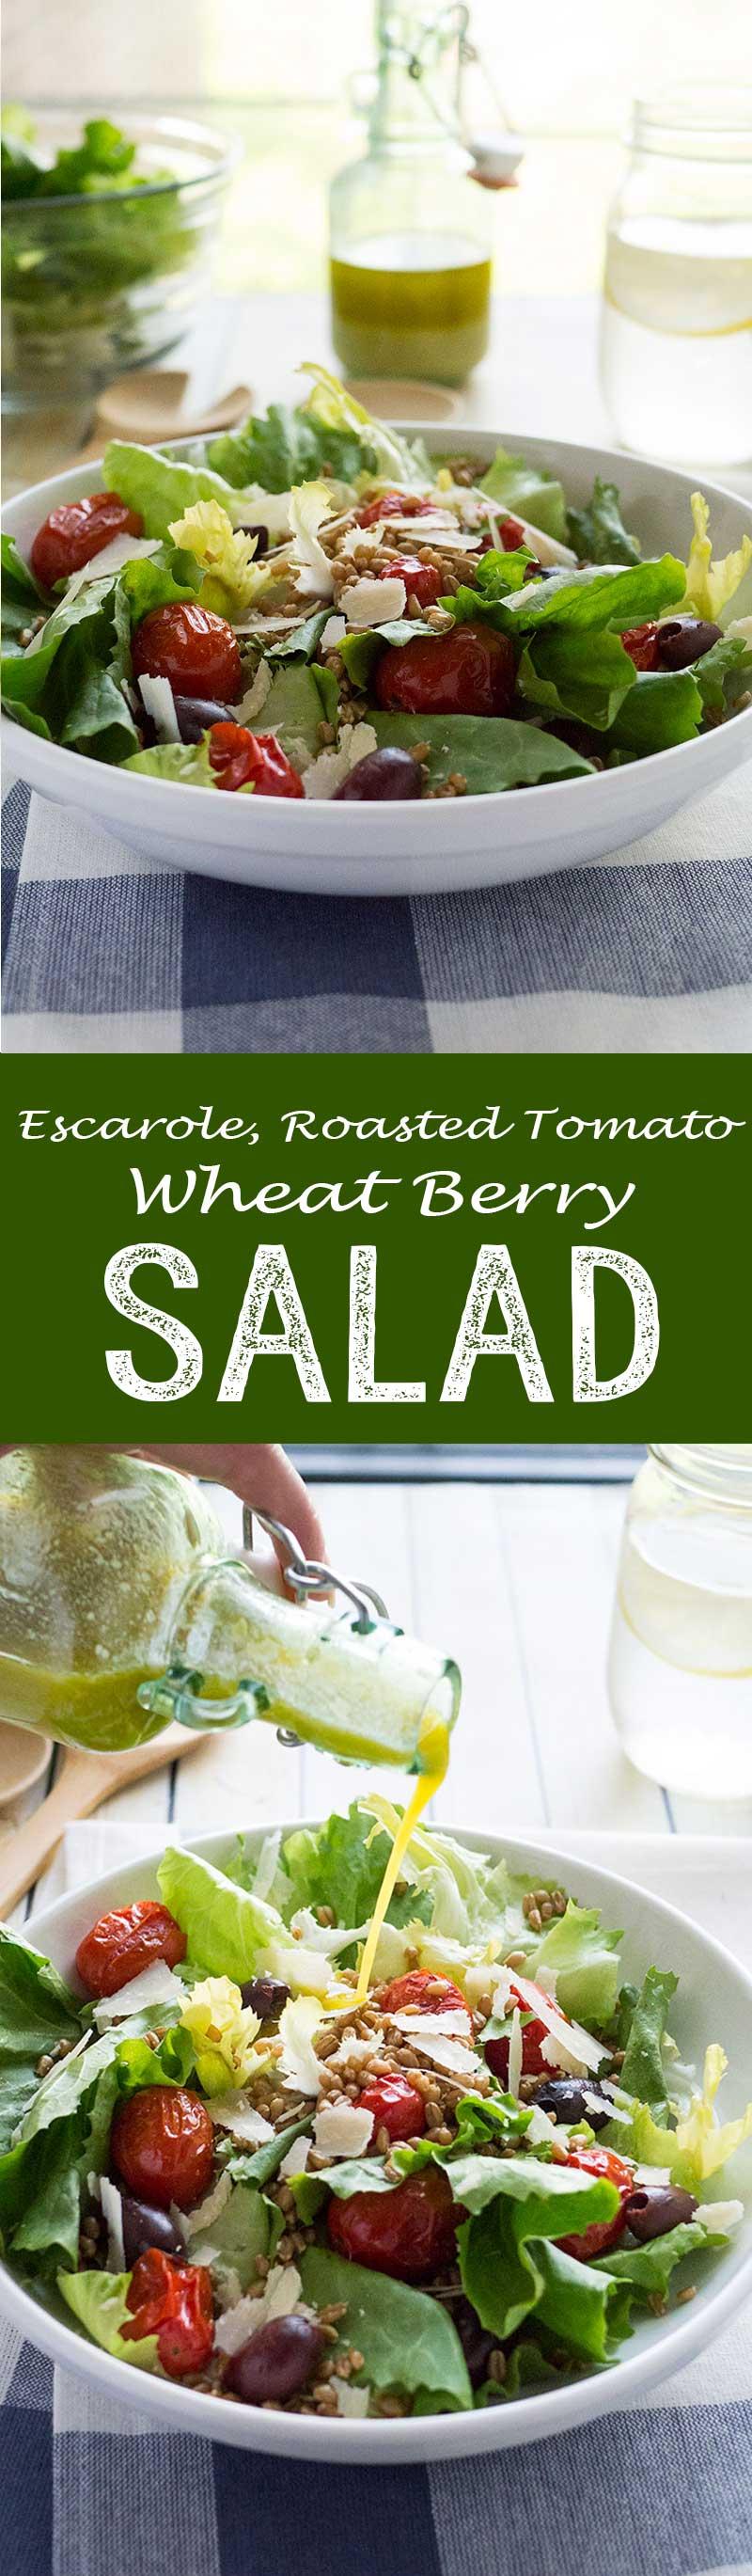 Escarole roasted tomato wheat berry salad